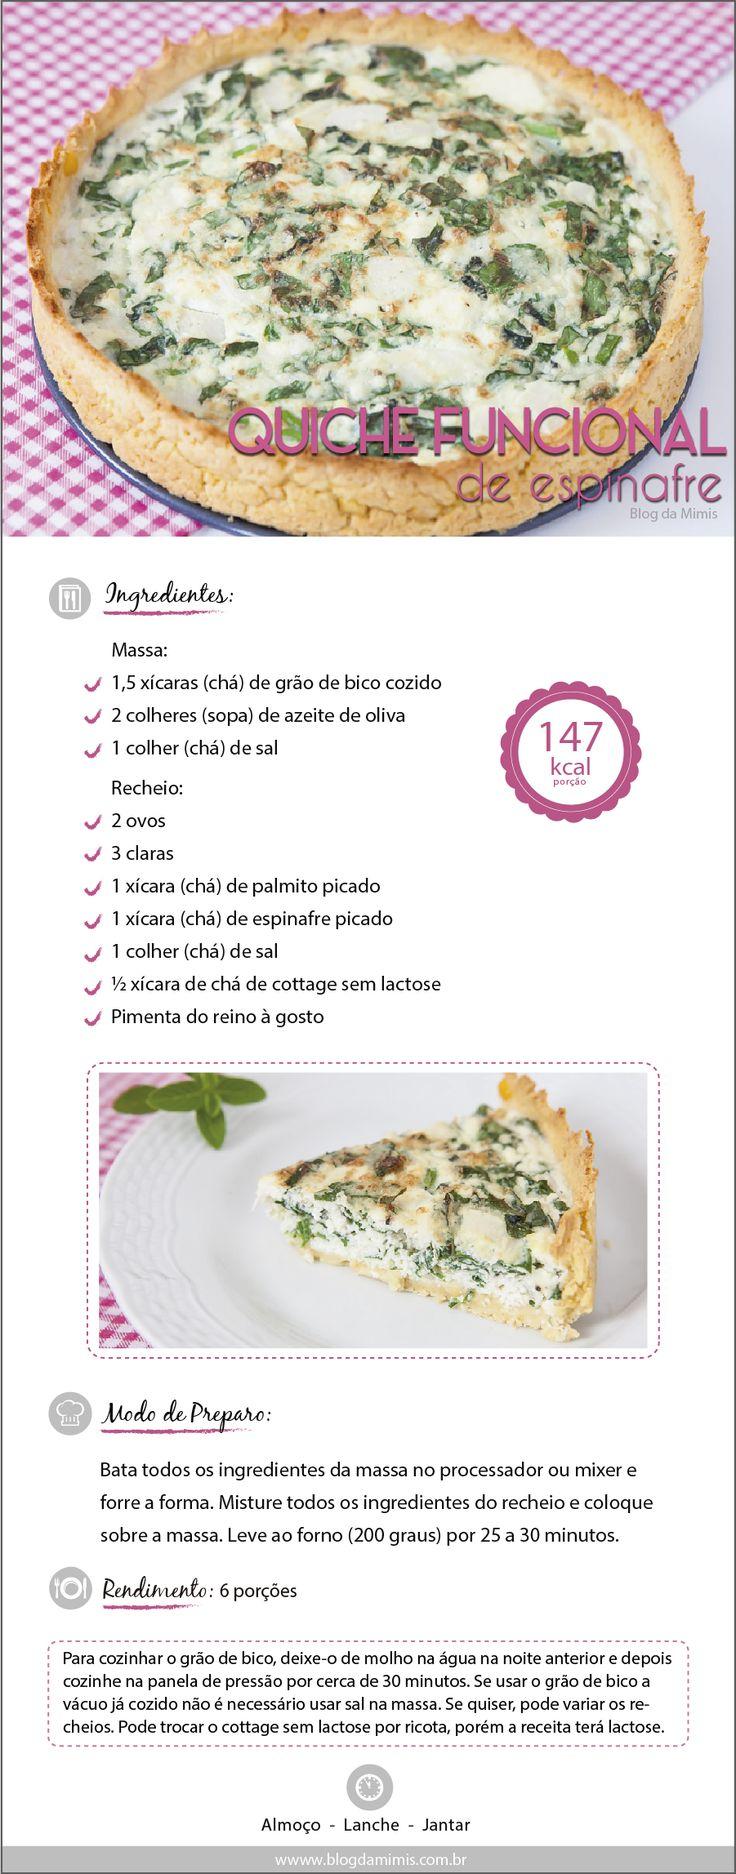 quiche-espinafre-blog-da-mimis-michelle-franzoni-sem-lactose2-01